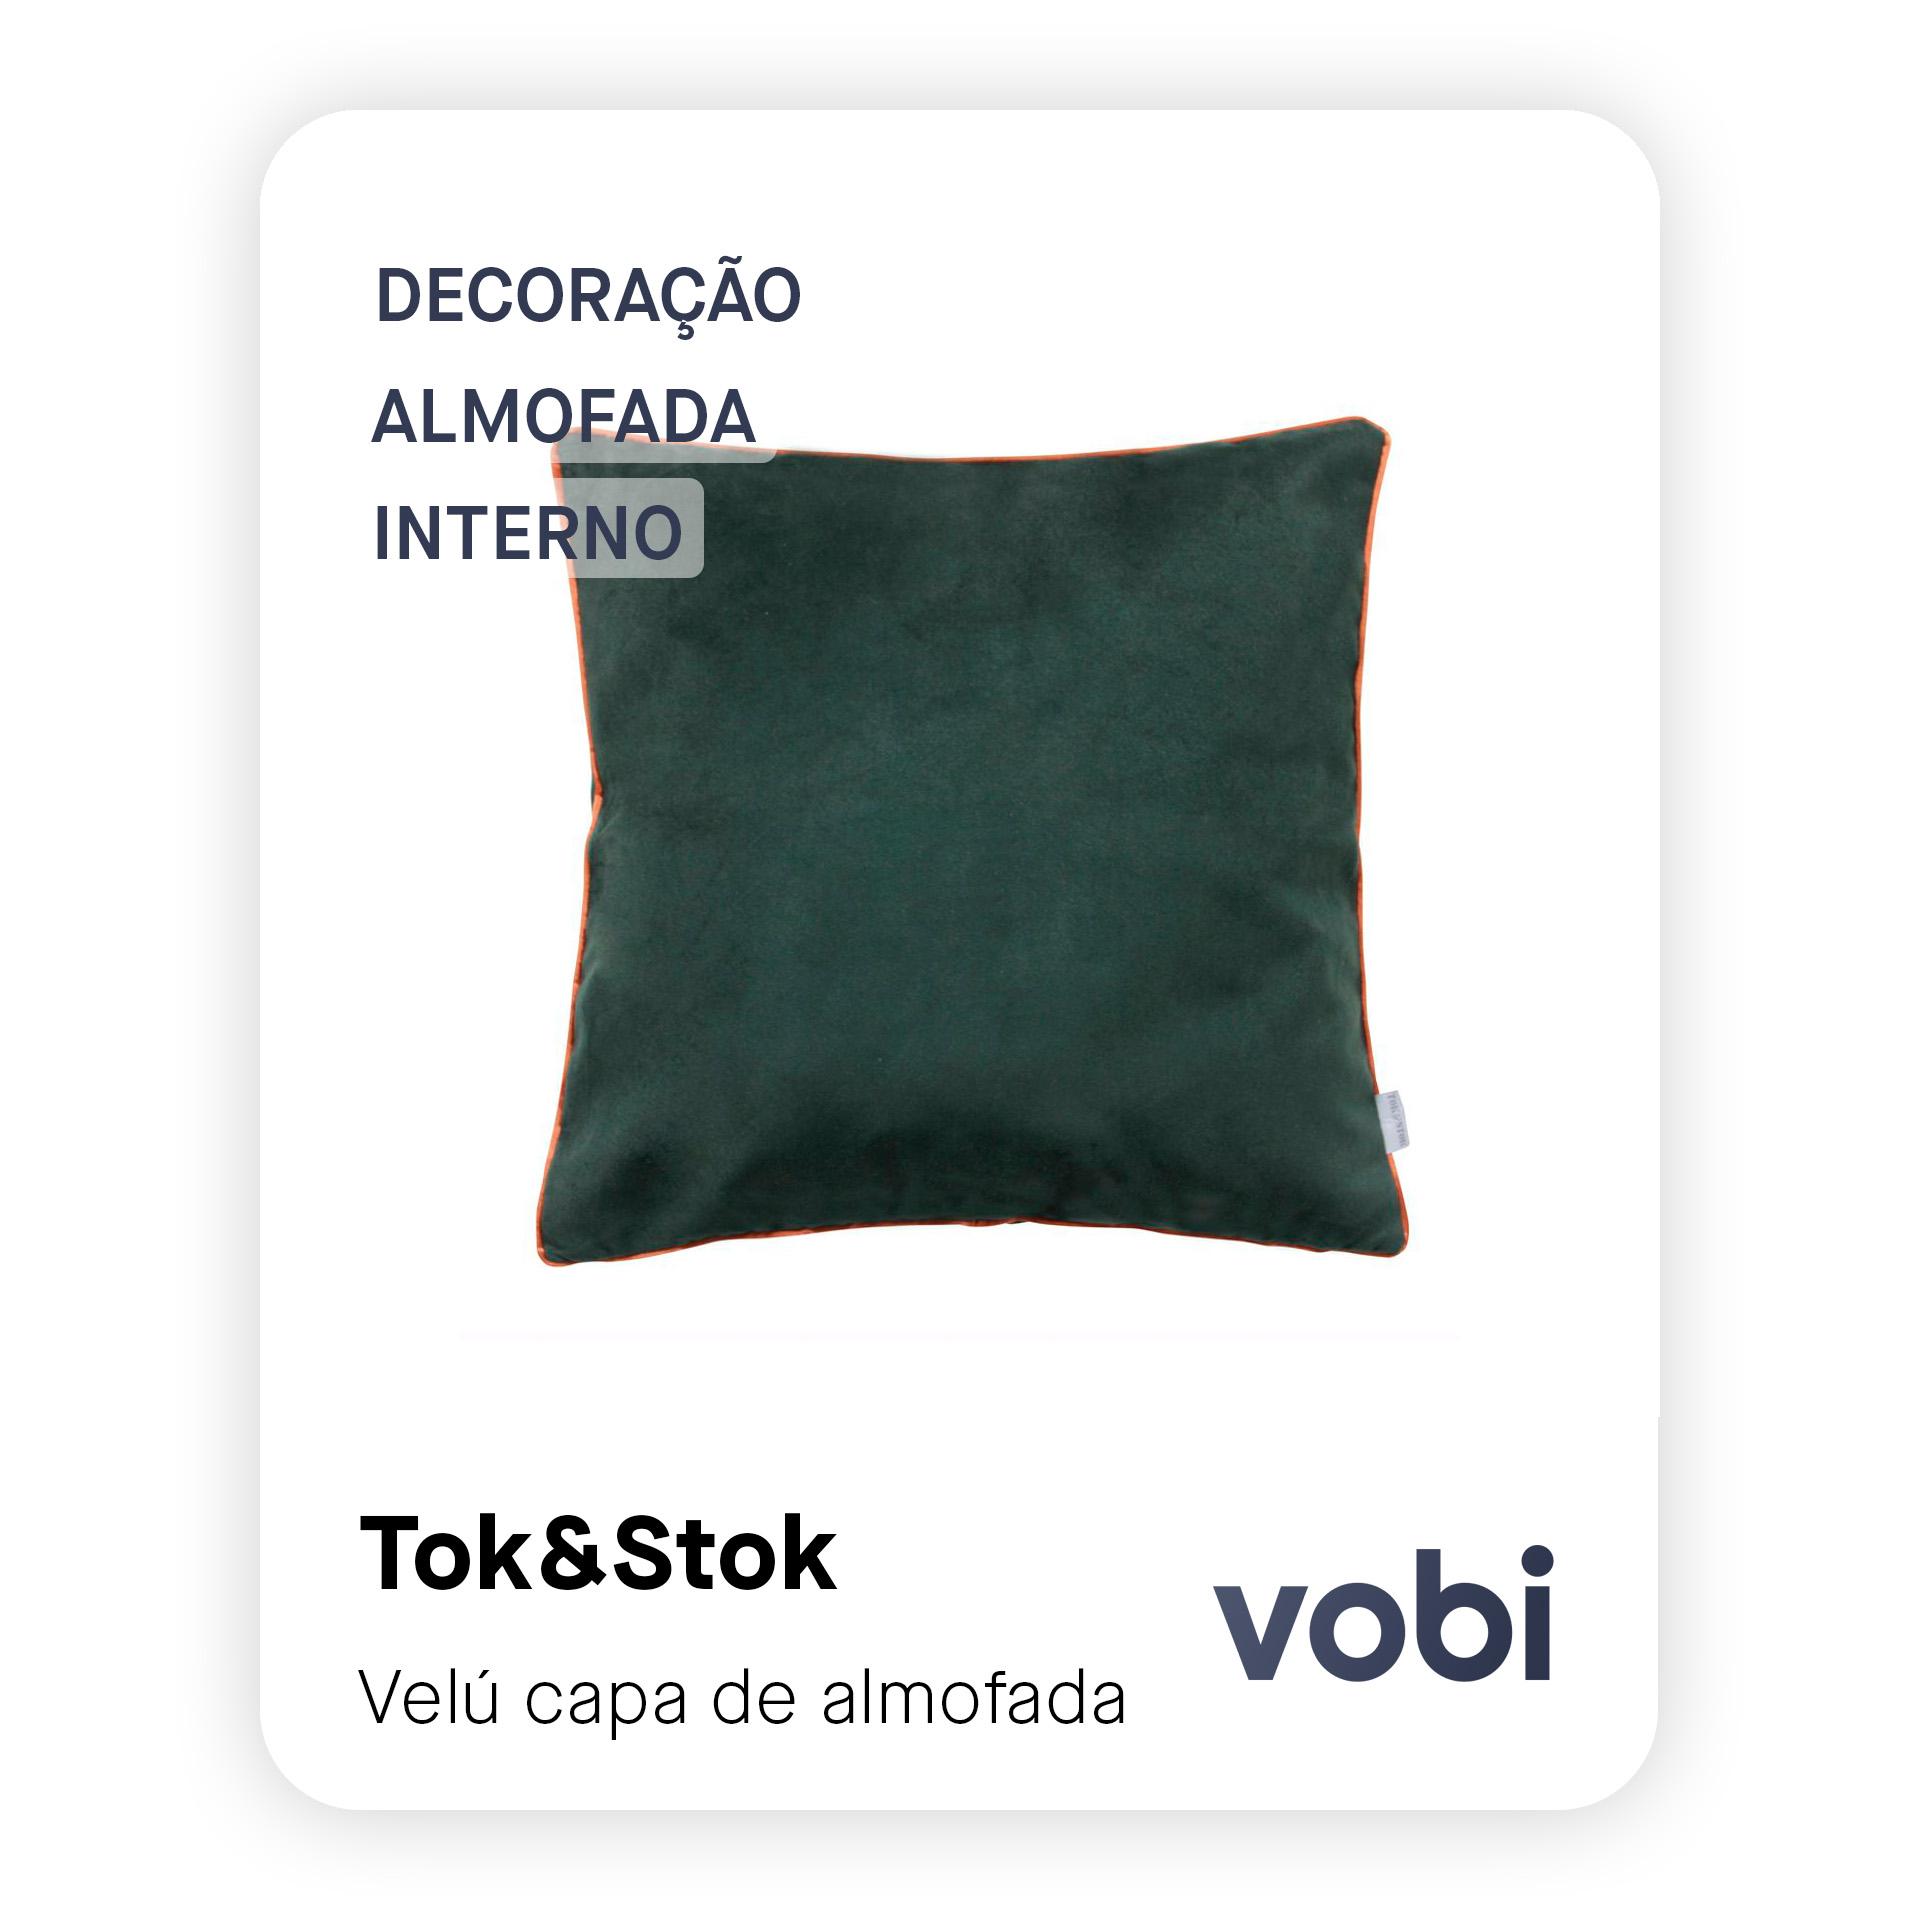 decoração almofada verde interno